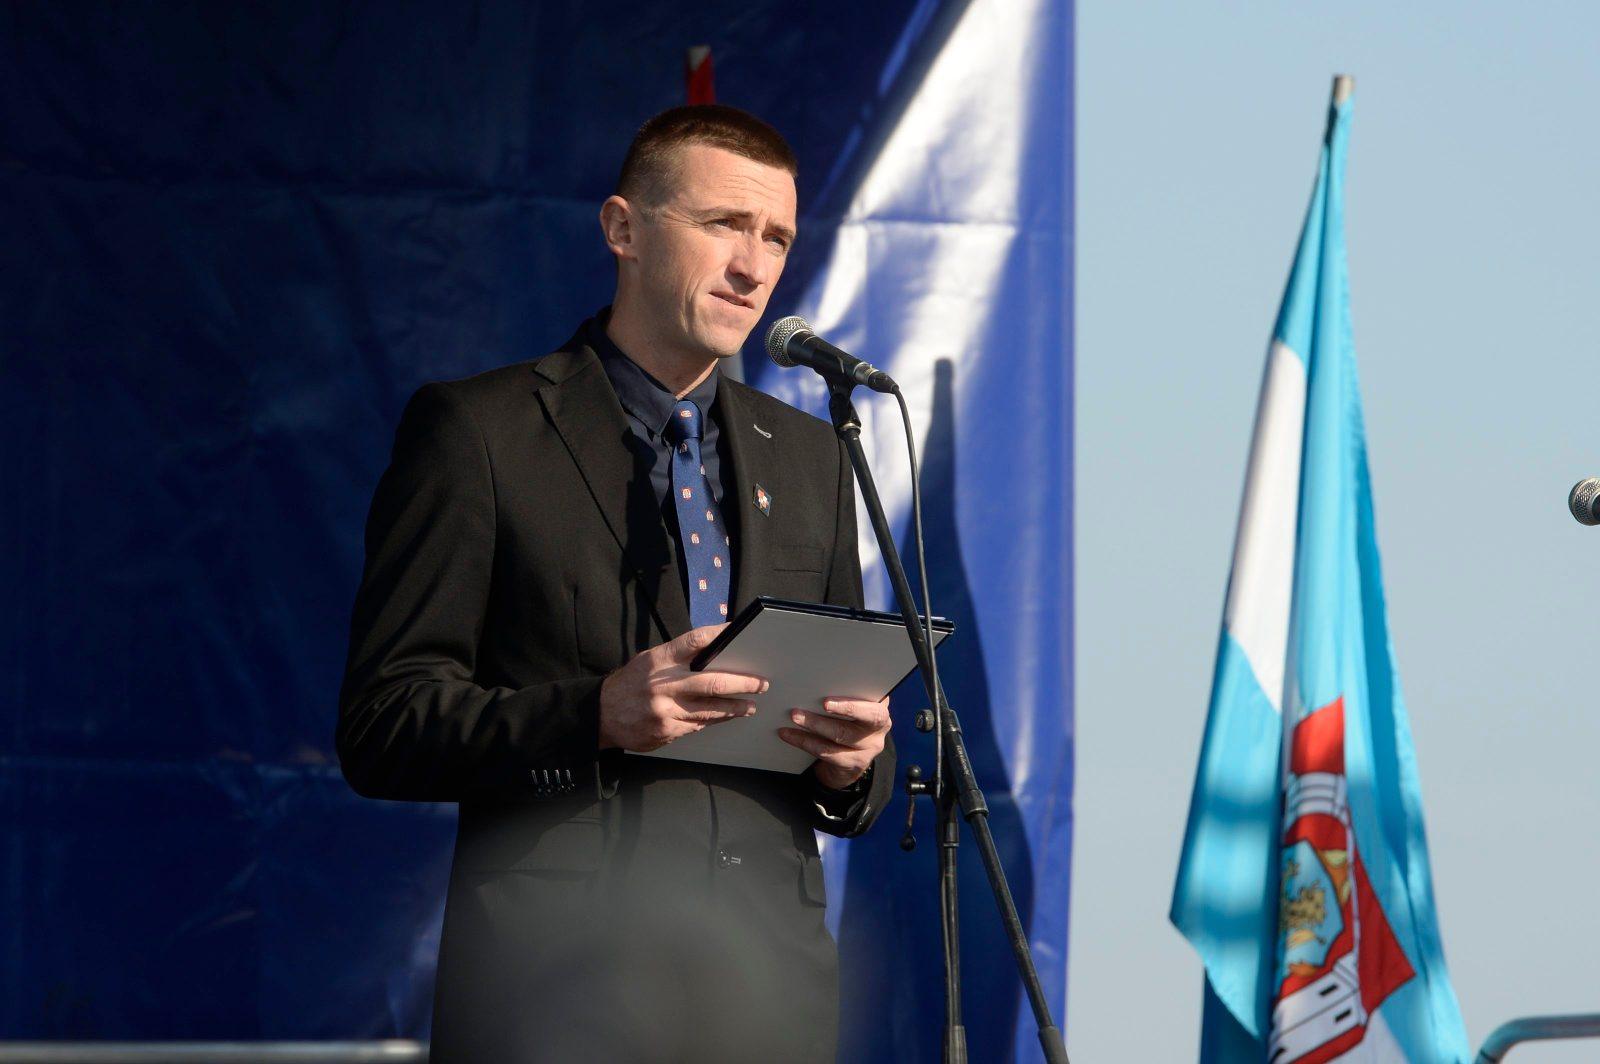 Vukovar, 131018. Atmosfera u Vukovaru za vrijeme prosvjeda zbog neprocesuiranja ratnih zlocina u Domovinskom ratu. Na fotografiji: gradonacelnik Vukovara Ivan Penava. Foto: Goran Mehkek / CROPIX